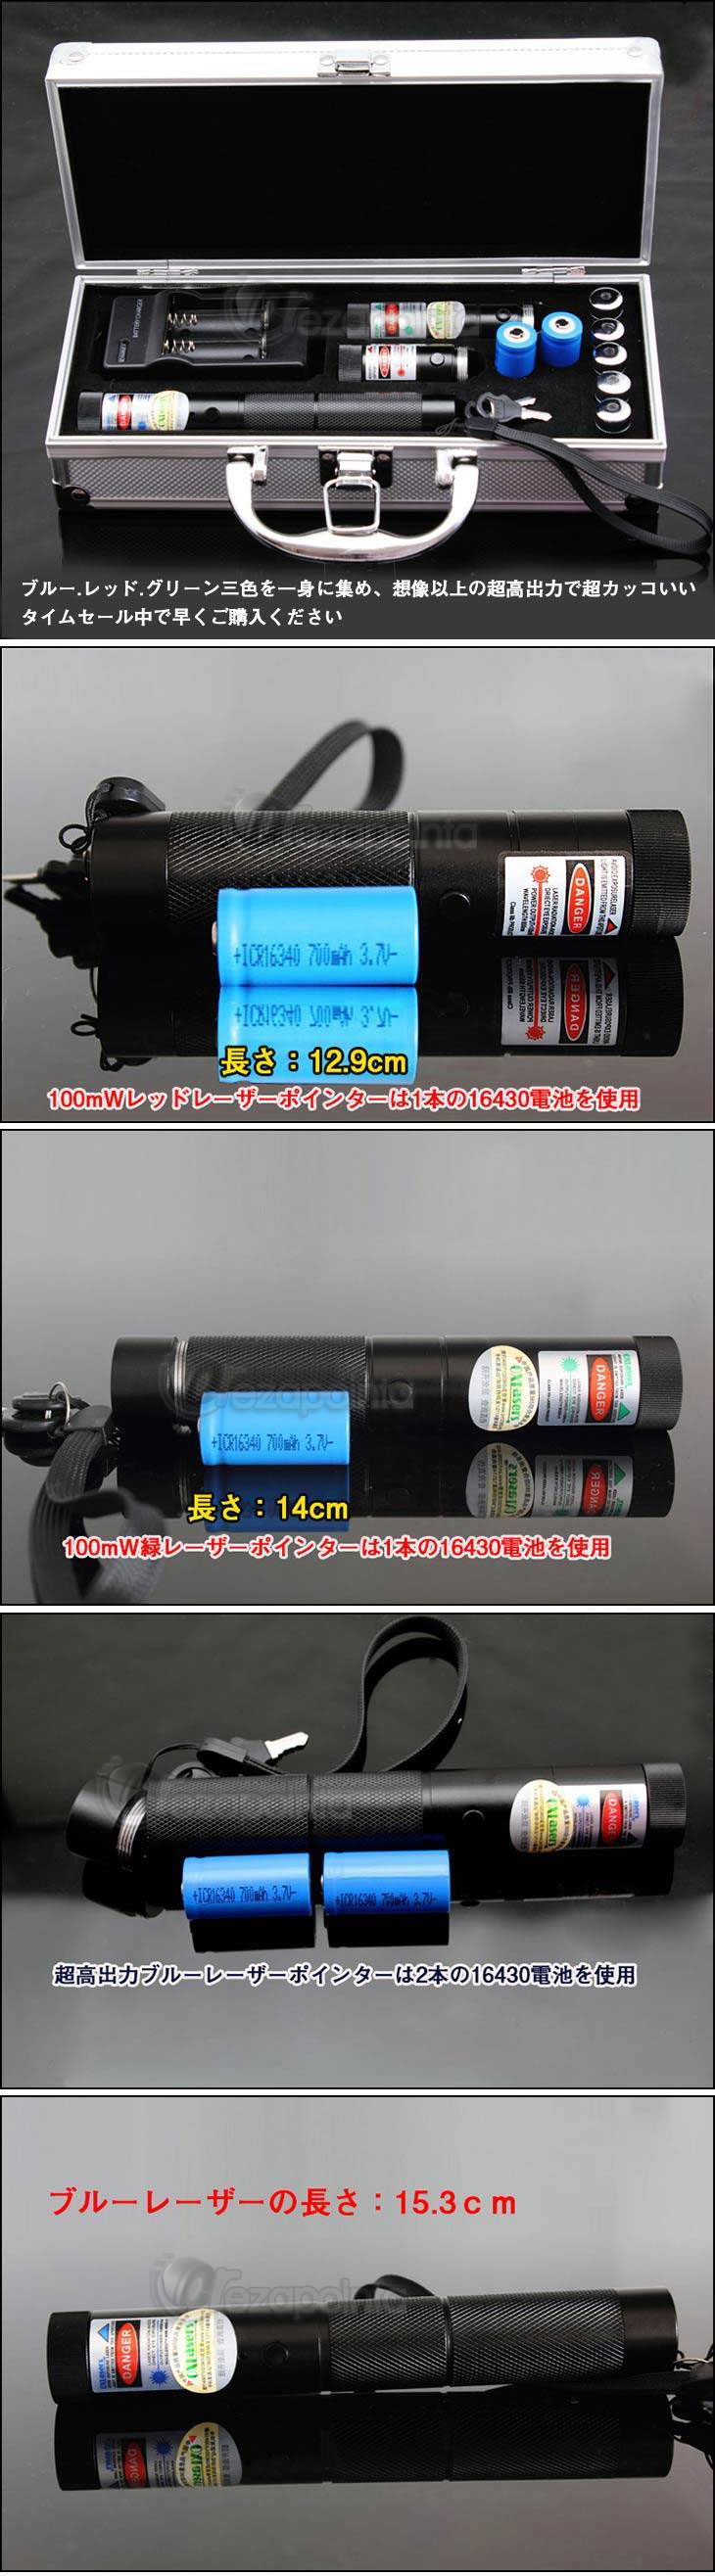 3in1 超高出力 レーザーポインター